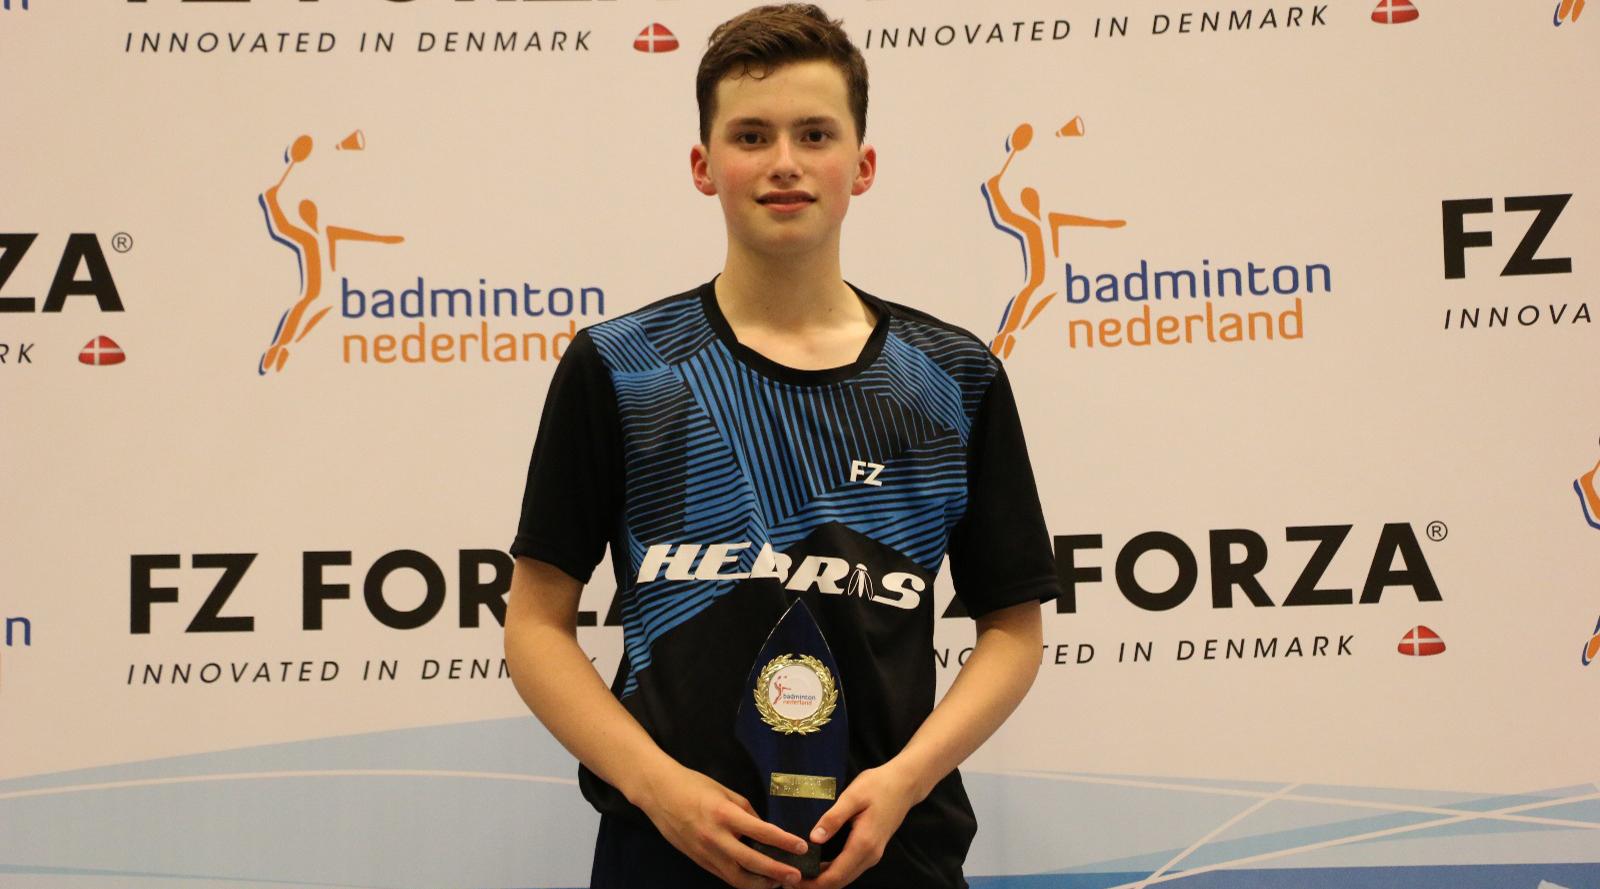 Badmintonner Finn Lavalette is Nederlands KampioenHeren Dubbel.